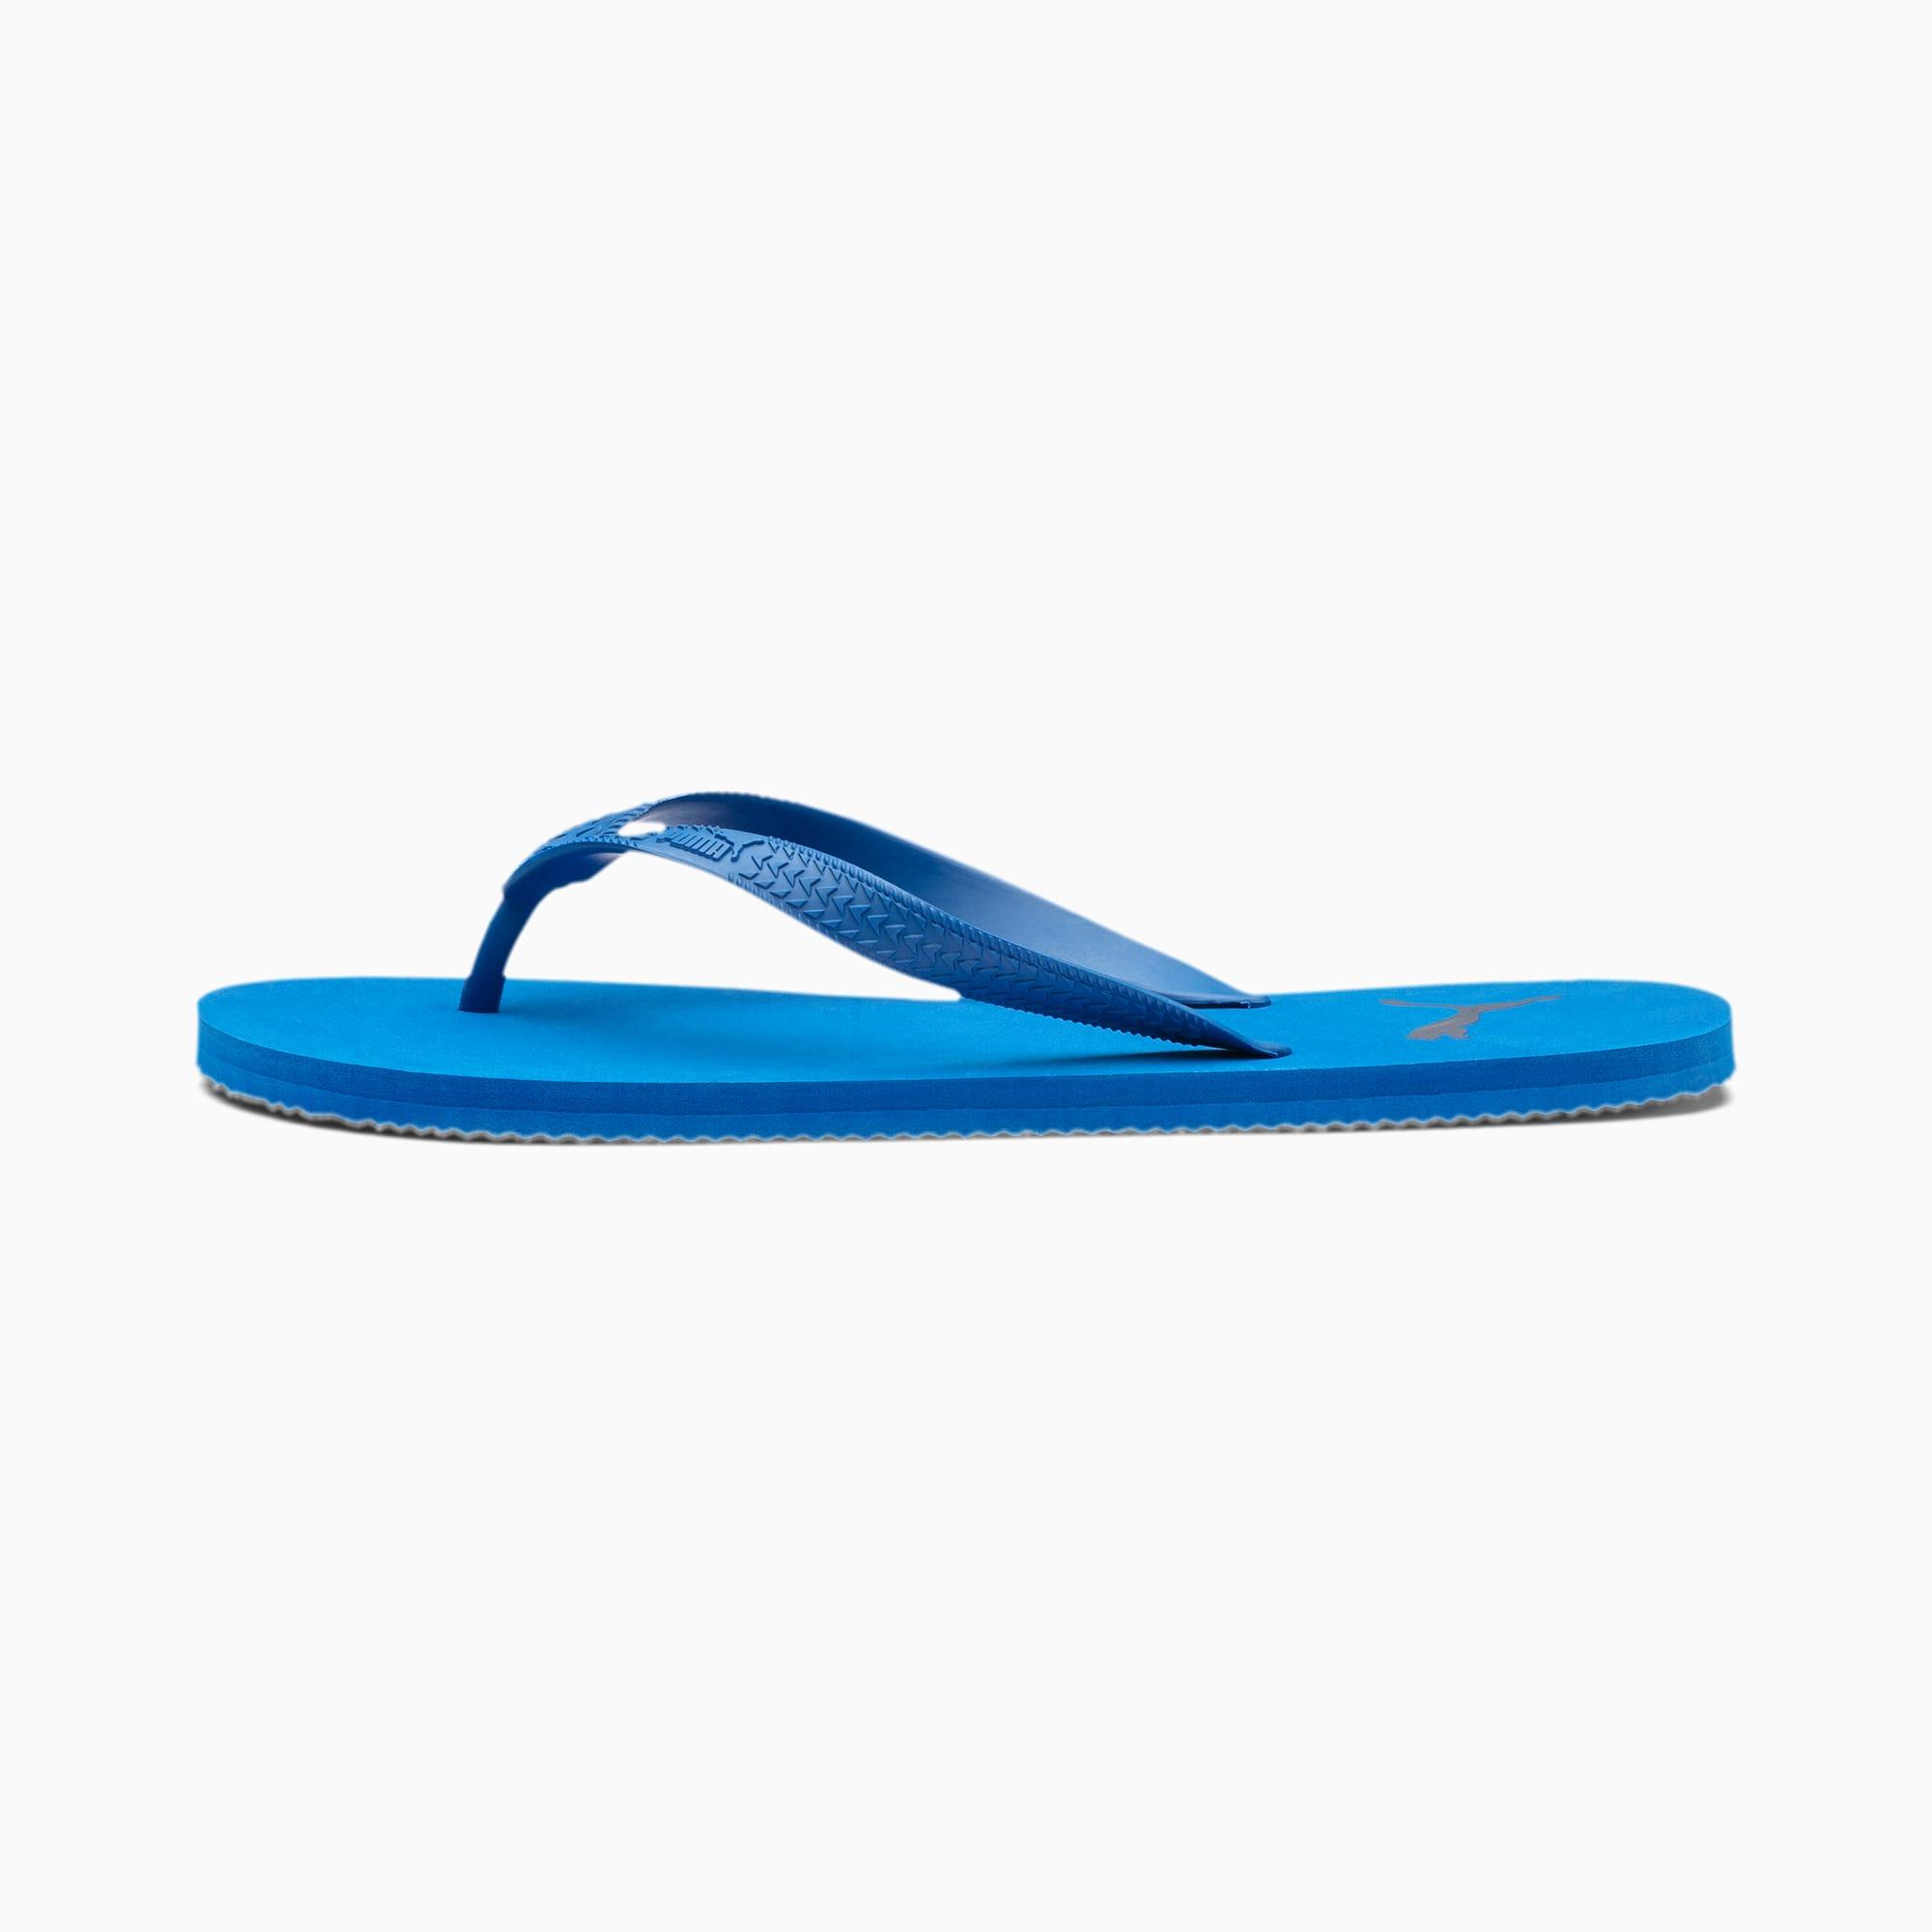 PUMA Sandaly First Flip, Niebieski, rozmiar 39, Obuwie